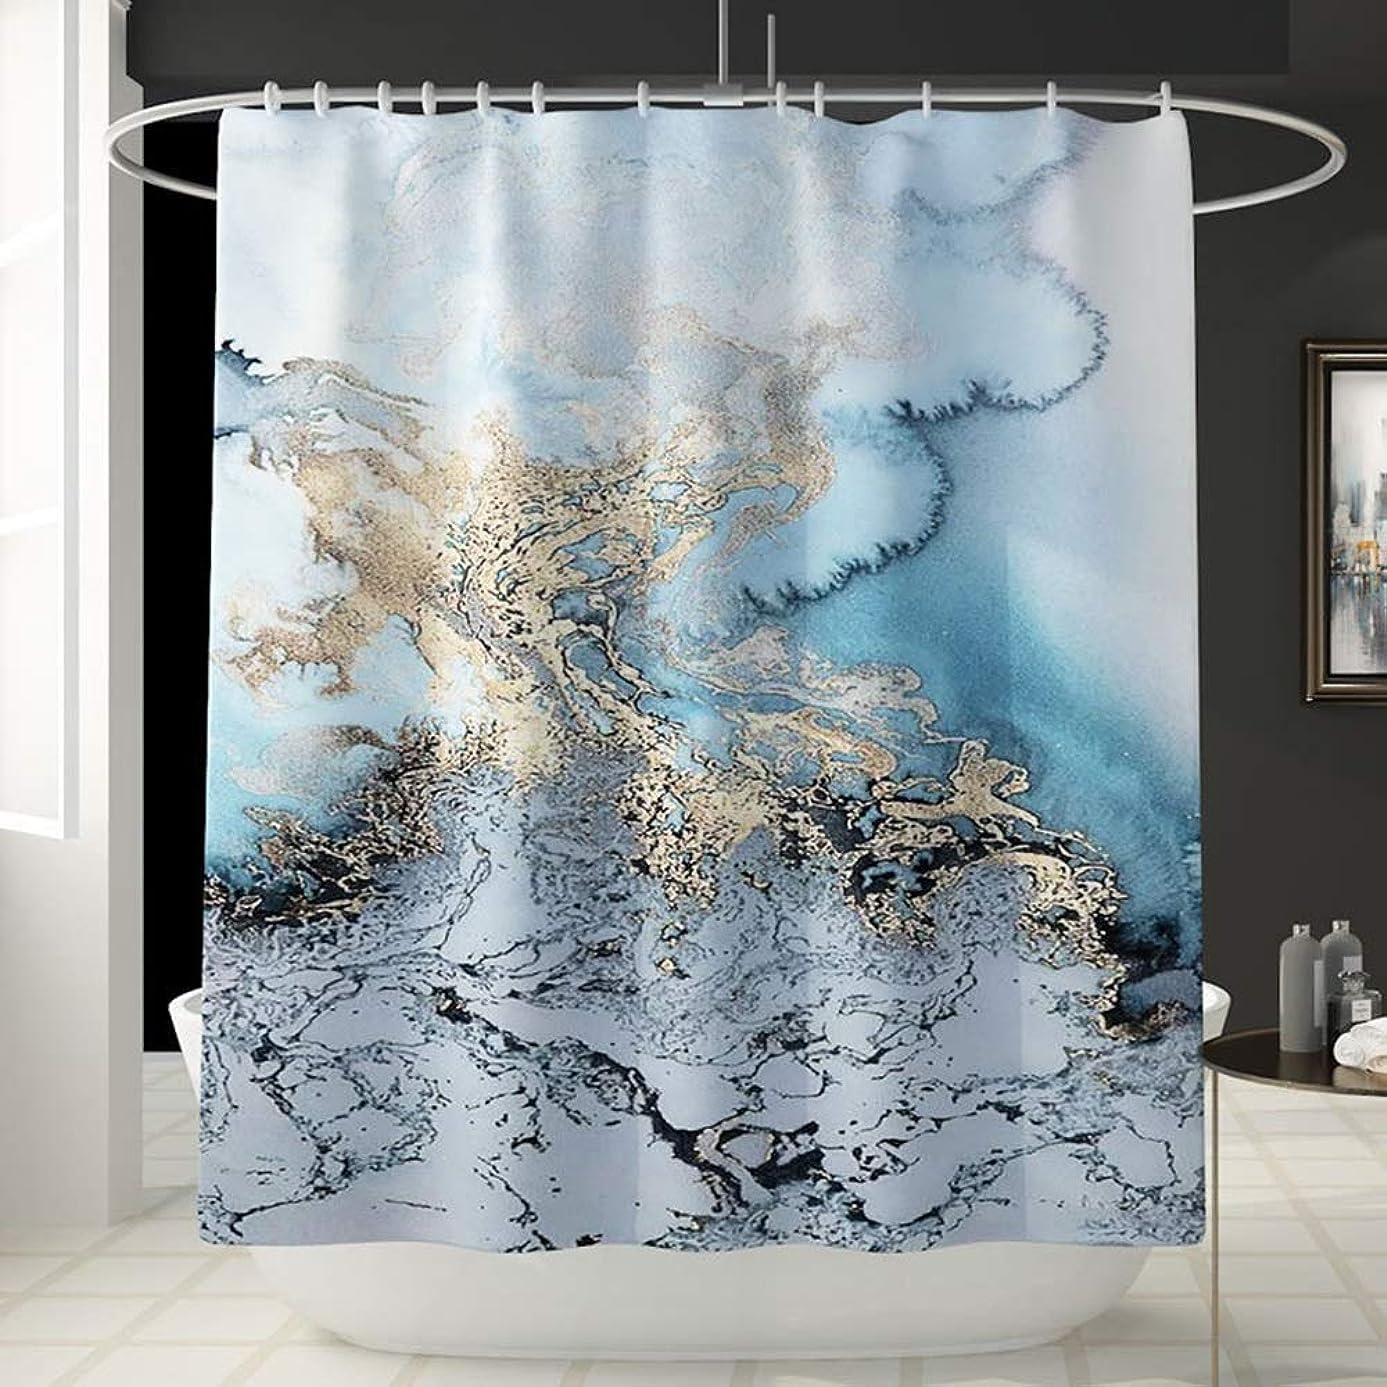 コマース辛いコスチューム大理石柄楽しいシャワーカーテン風呂アカウントバスルーム防水カーテンバスタブシャワーカーテンは色褪せない汎用性の高い快適な180センチ* 180センチ洗濯機 フェンコー